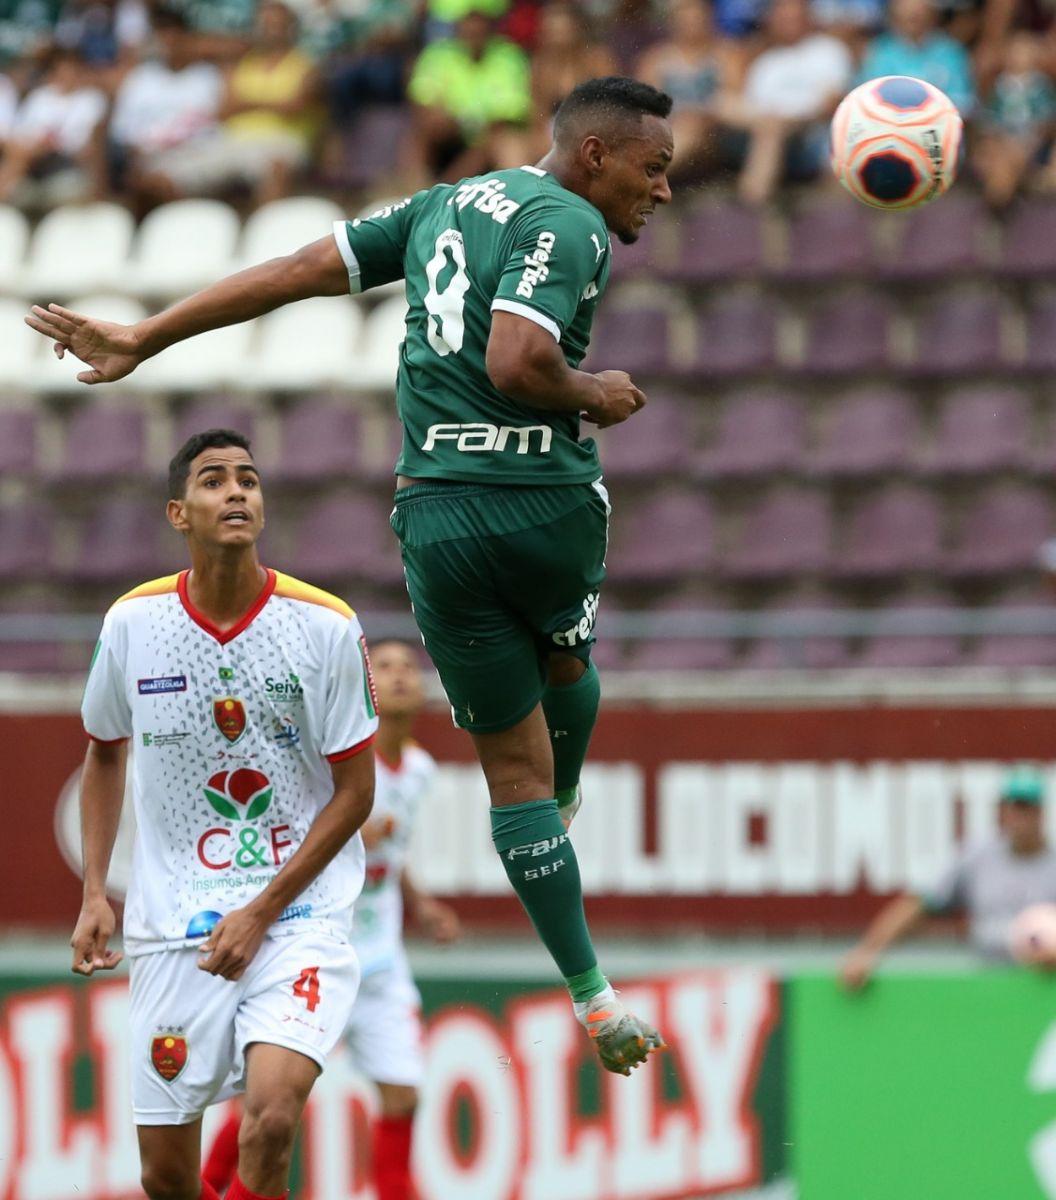 Fabio Menotti/Ag. Palmeiras/Divulgação_O atacante Fabricio fez os dois gols da vitória palmeirense